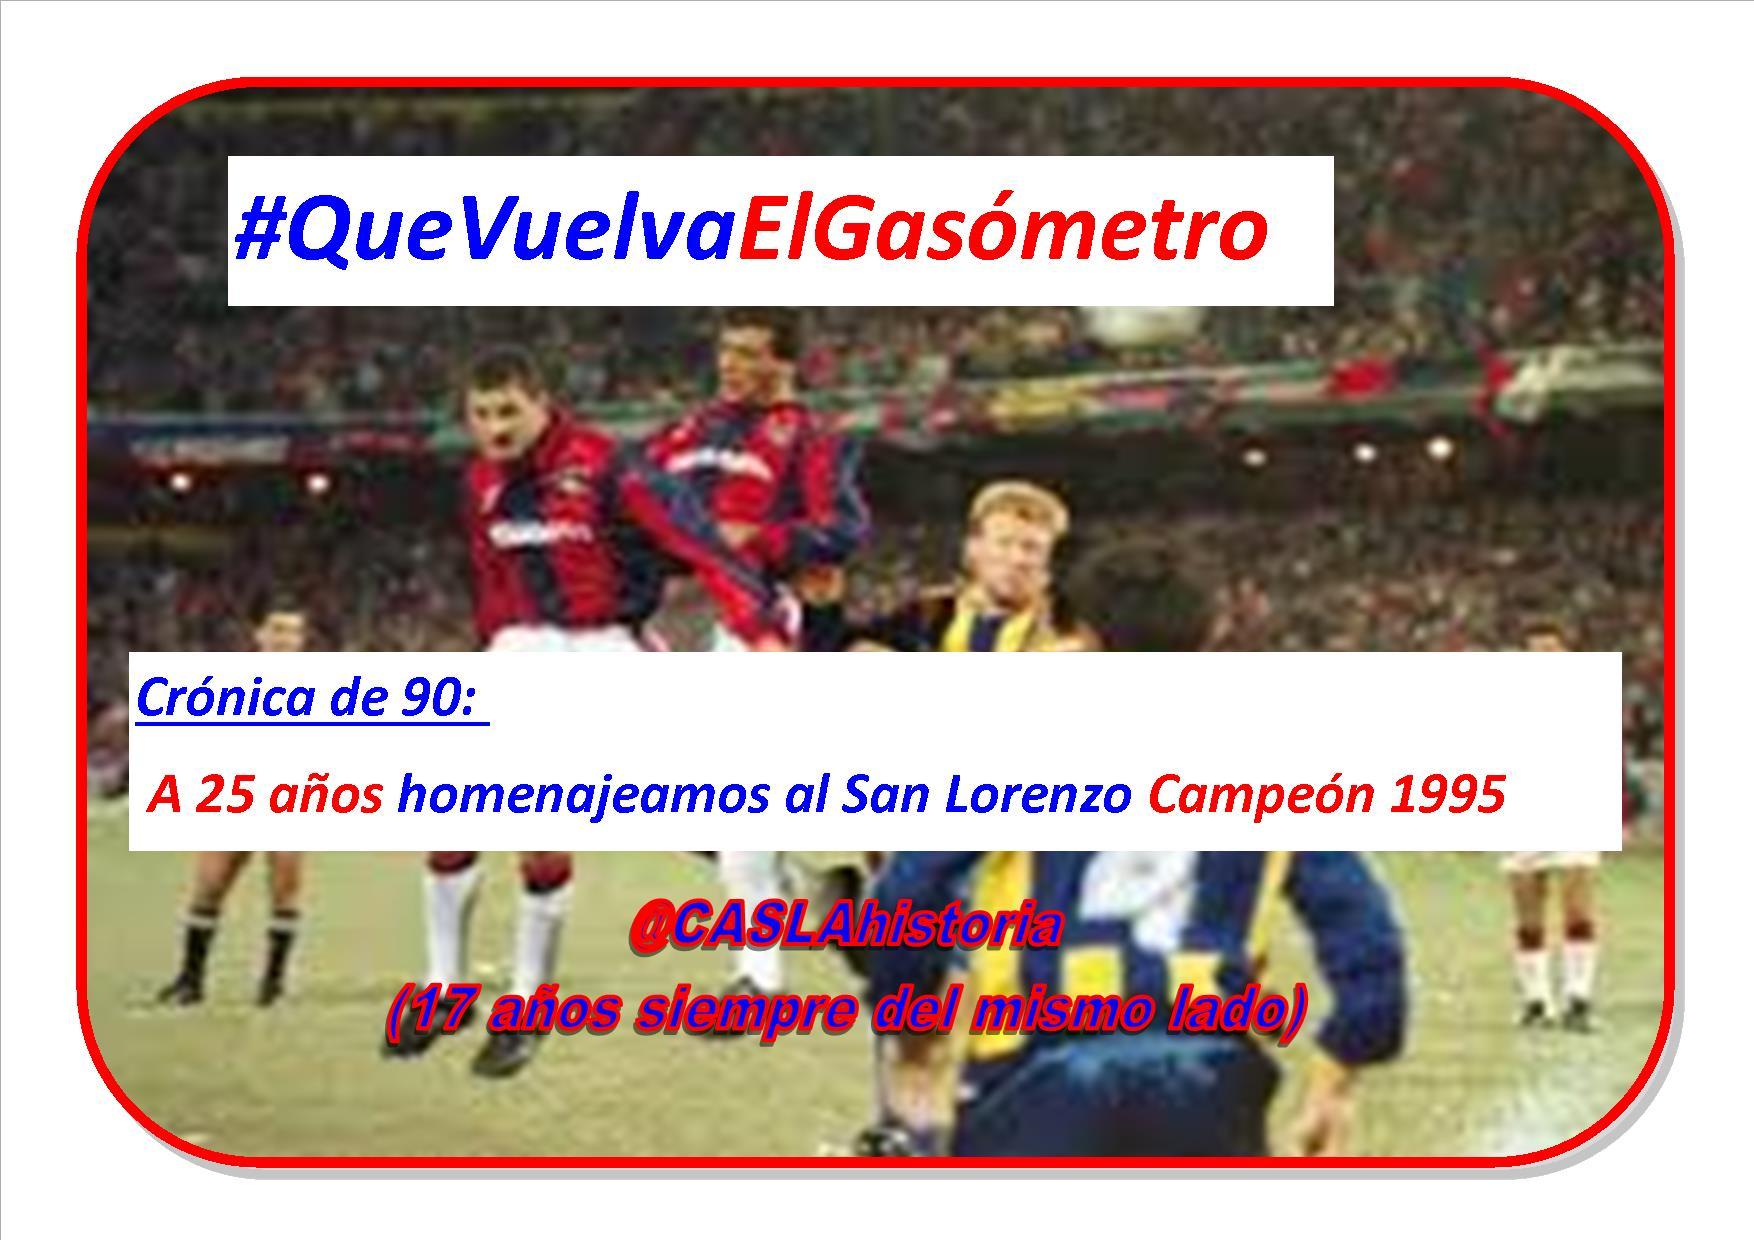 Programa N° 1033. «El Glorioso Campeón 1995,Doval,Zubieta, Trefny, desguace futbolistico»